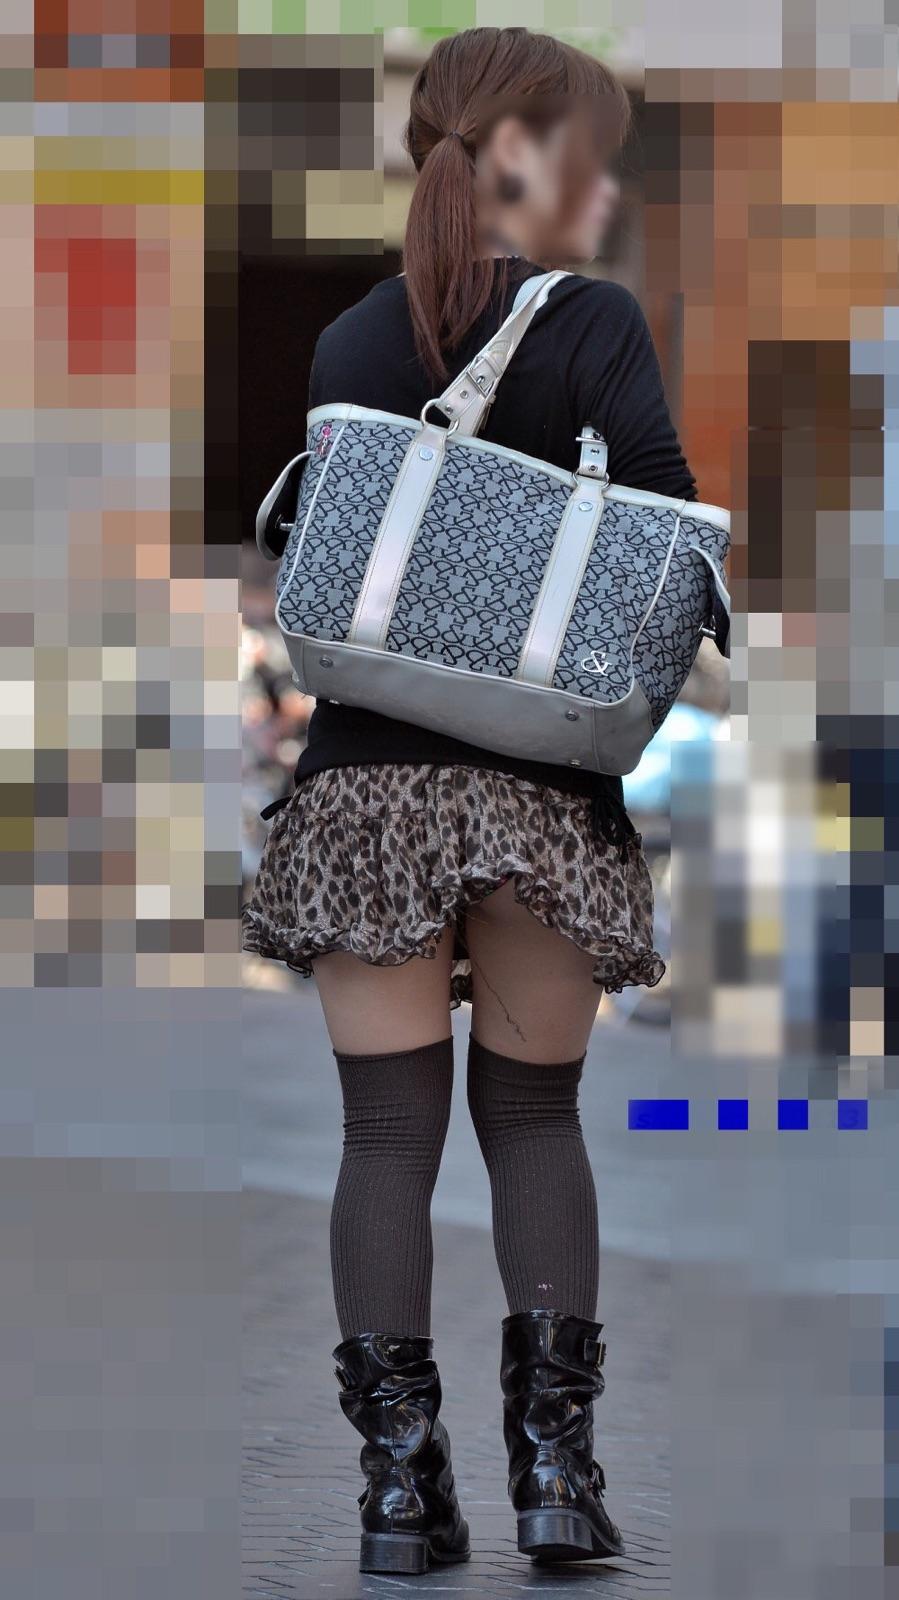 【美脚エロ画像】おパンツ見えなきゃ美脚で我慢!気になる街のミニスカ女子(;´Д`)